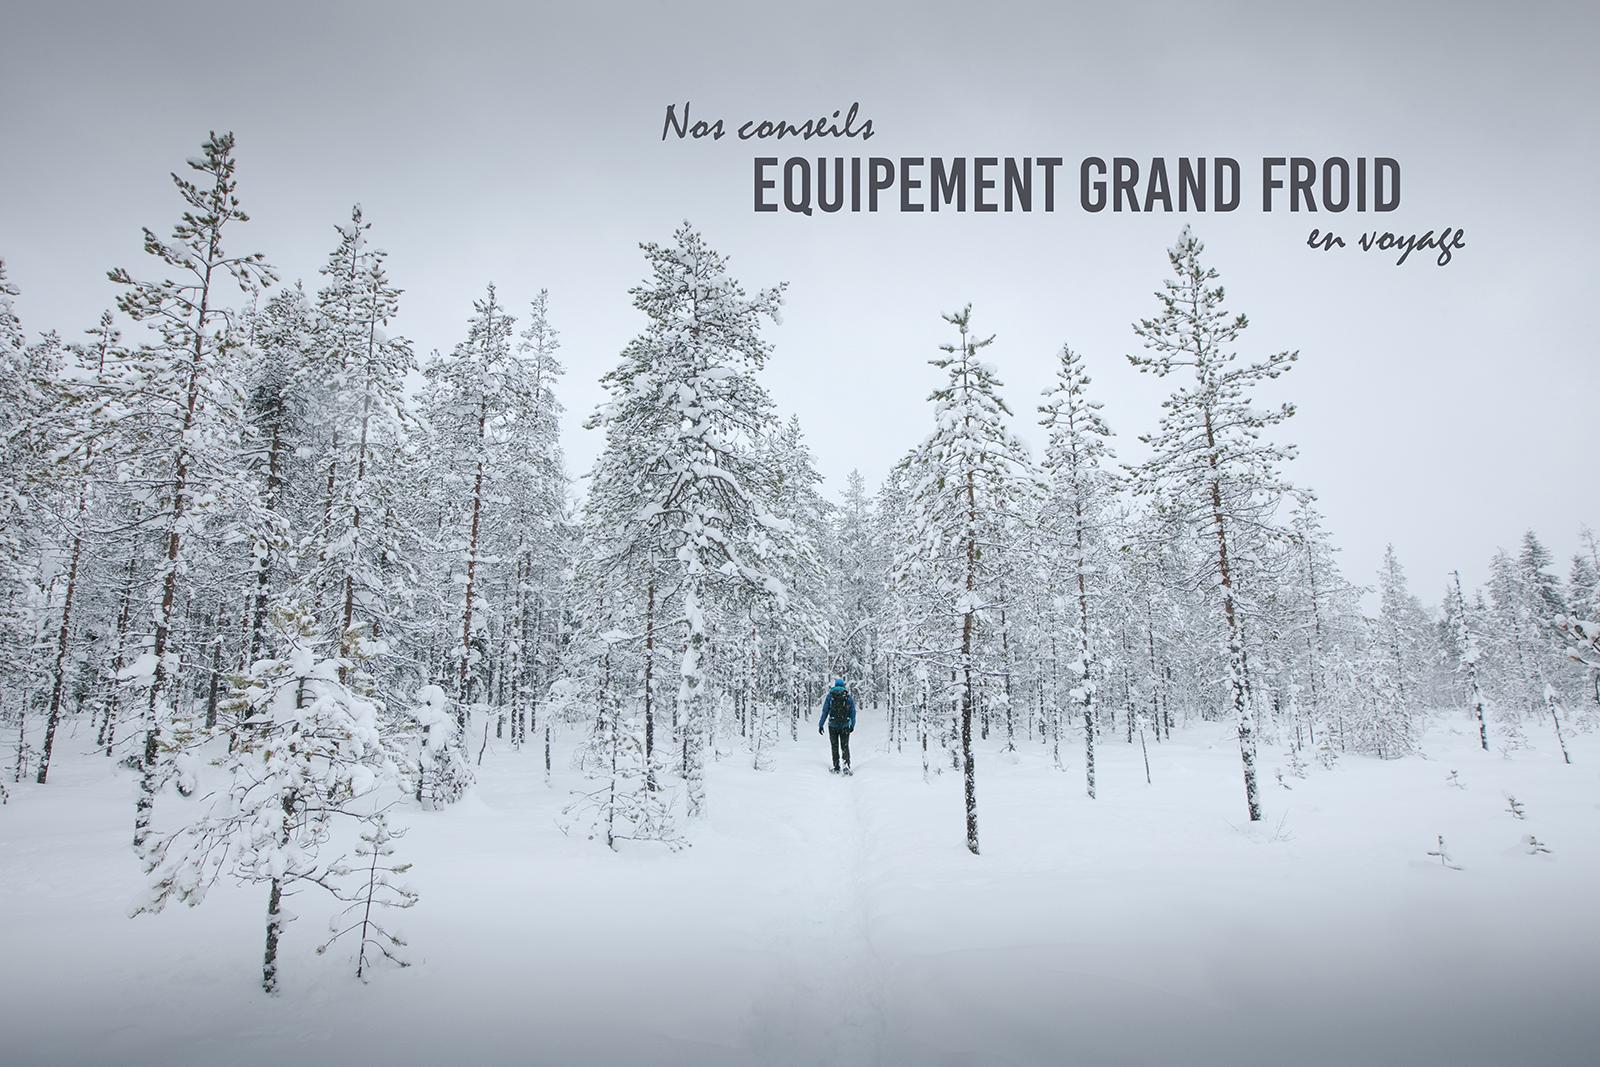 Conseils vêtements chauds pour un voyage en Laponie ou dans le grand nord